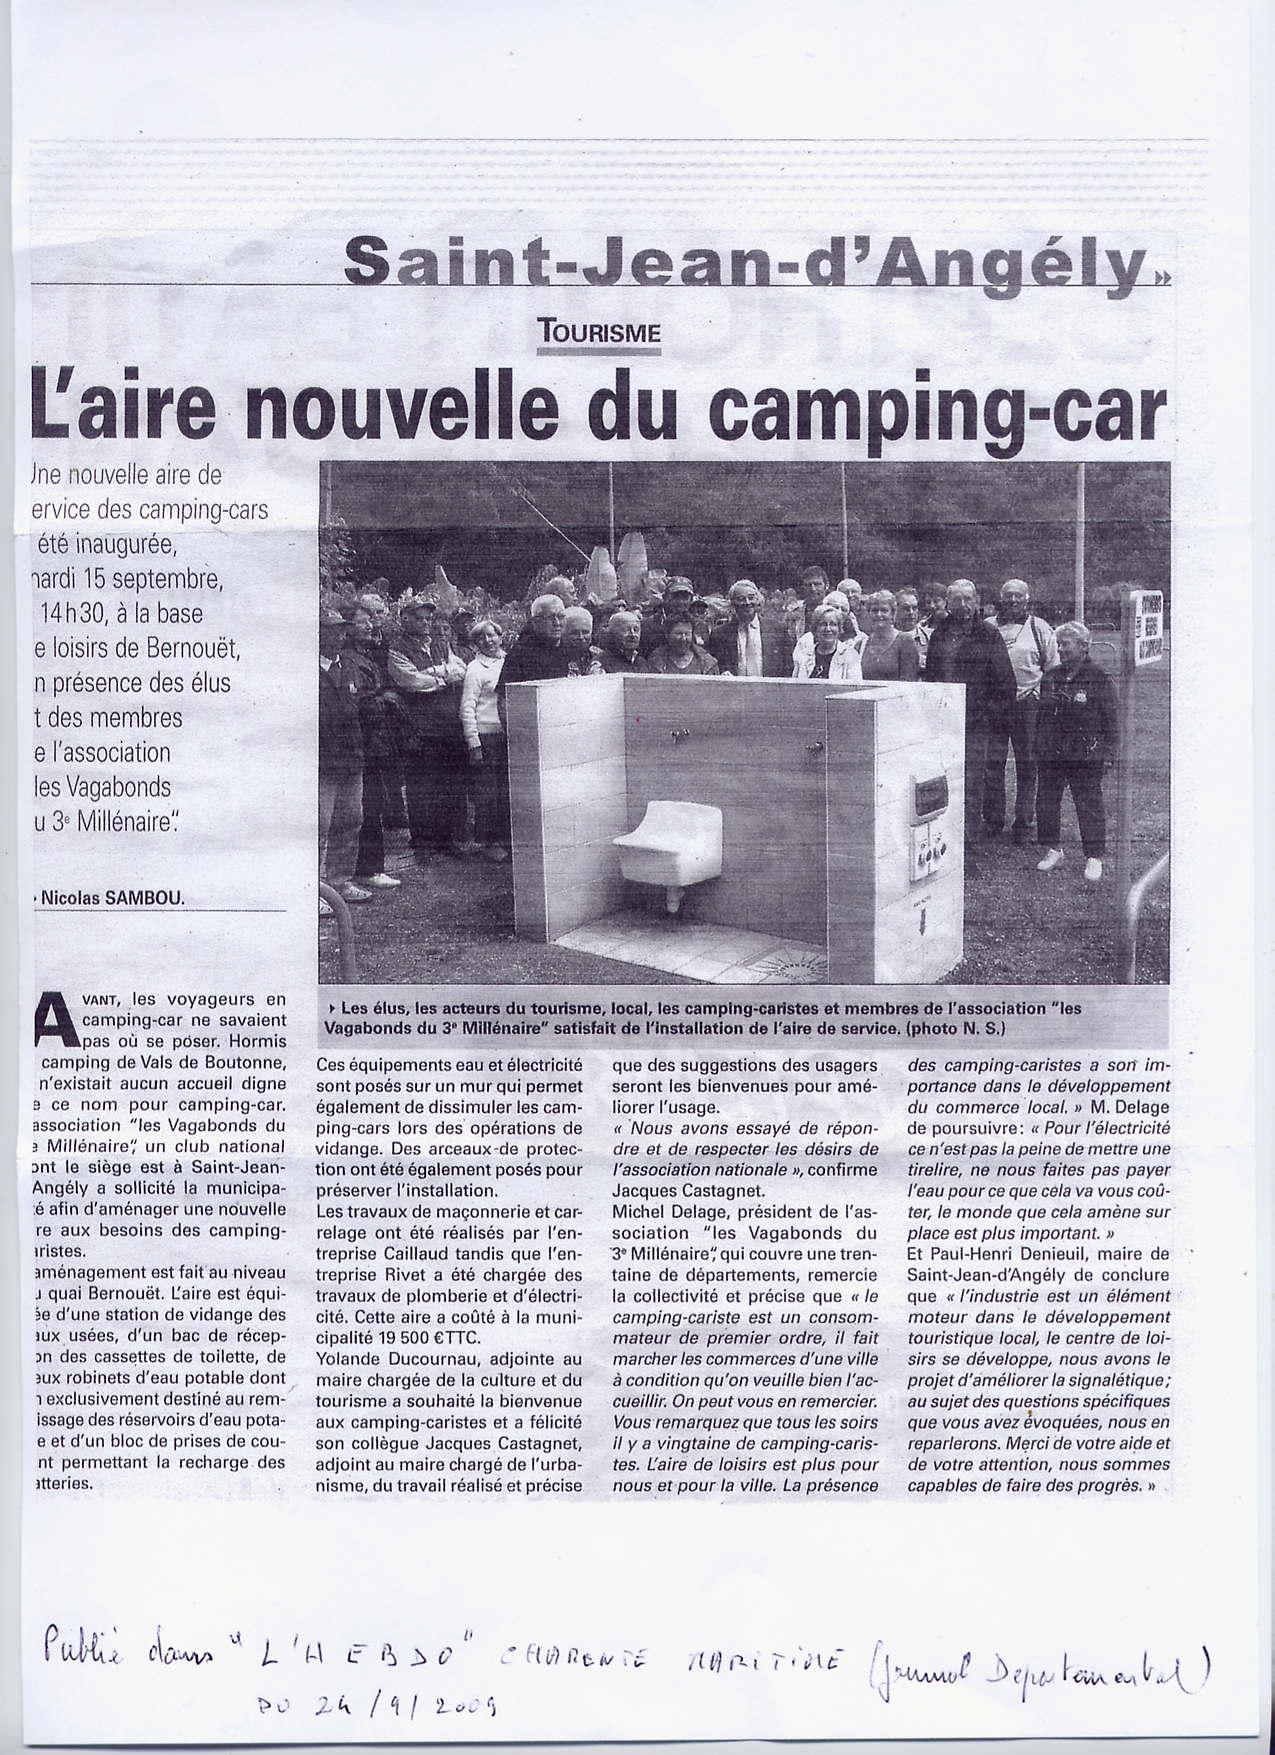 0009 Septembre 2009 Inauguration de l'aire de St Jean d'Angély (2).jpg